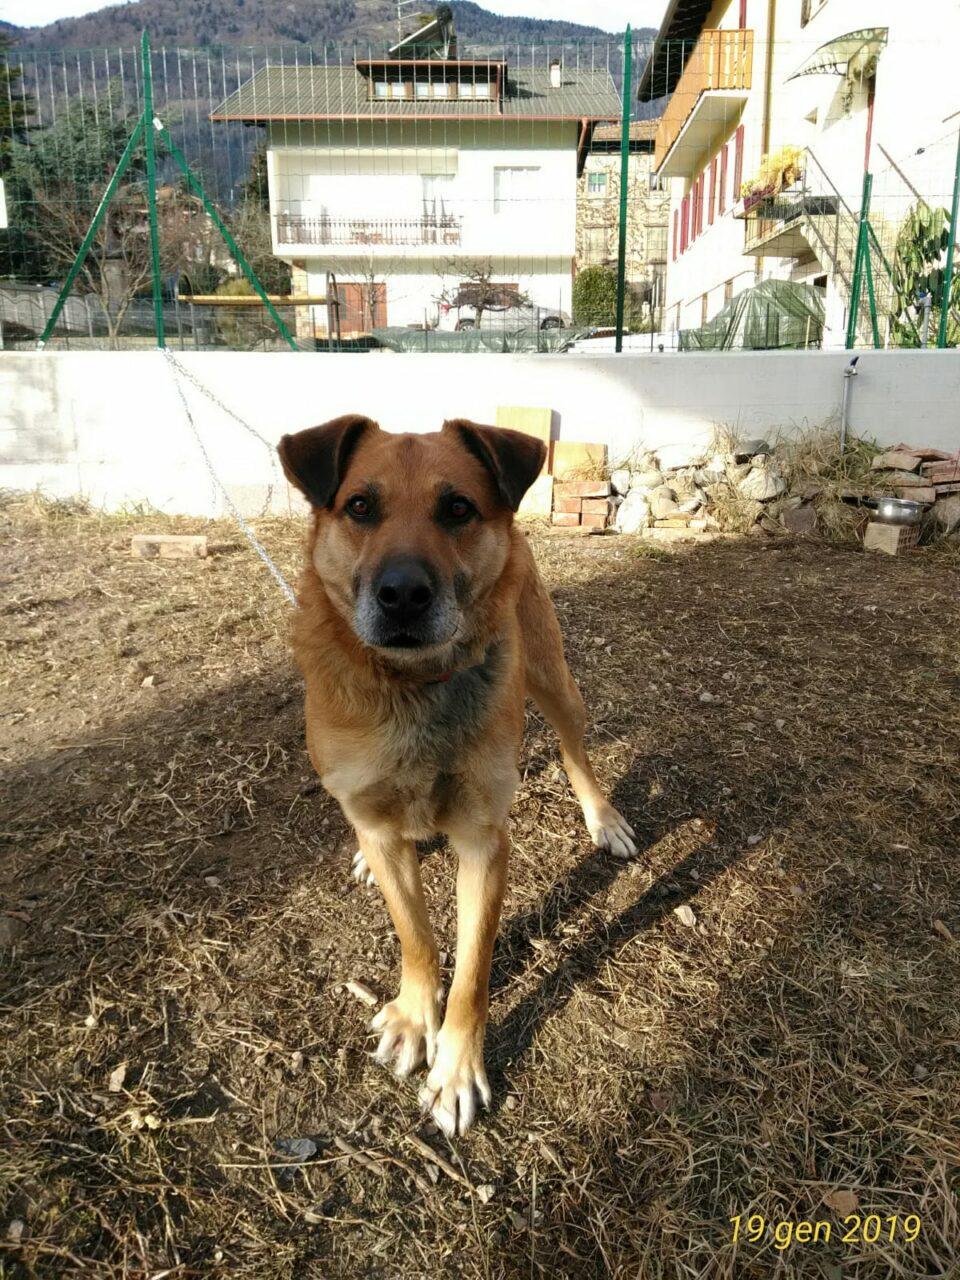 IMG 20190120 WA0015 - La storia di SOLO (un cane come tanti)